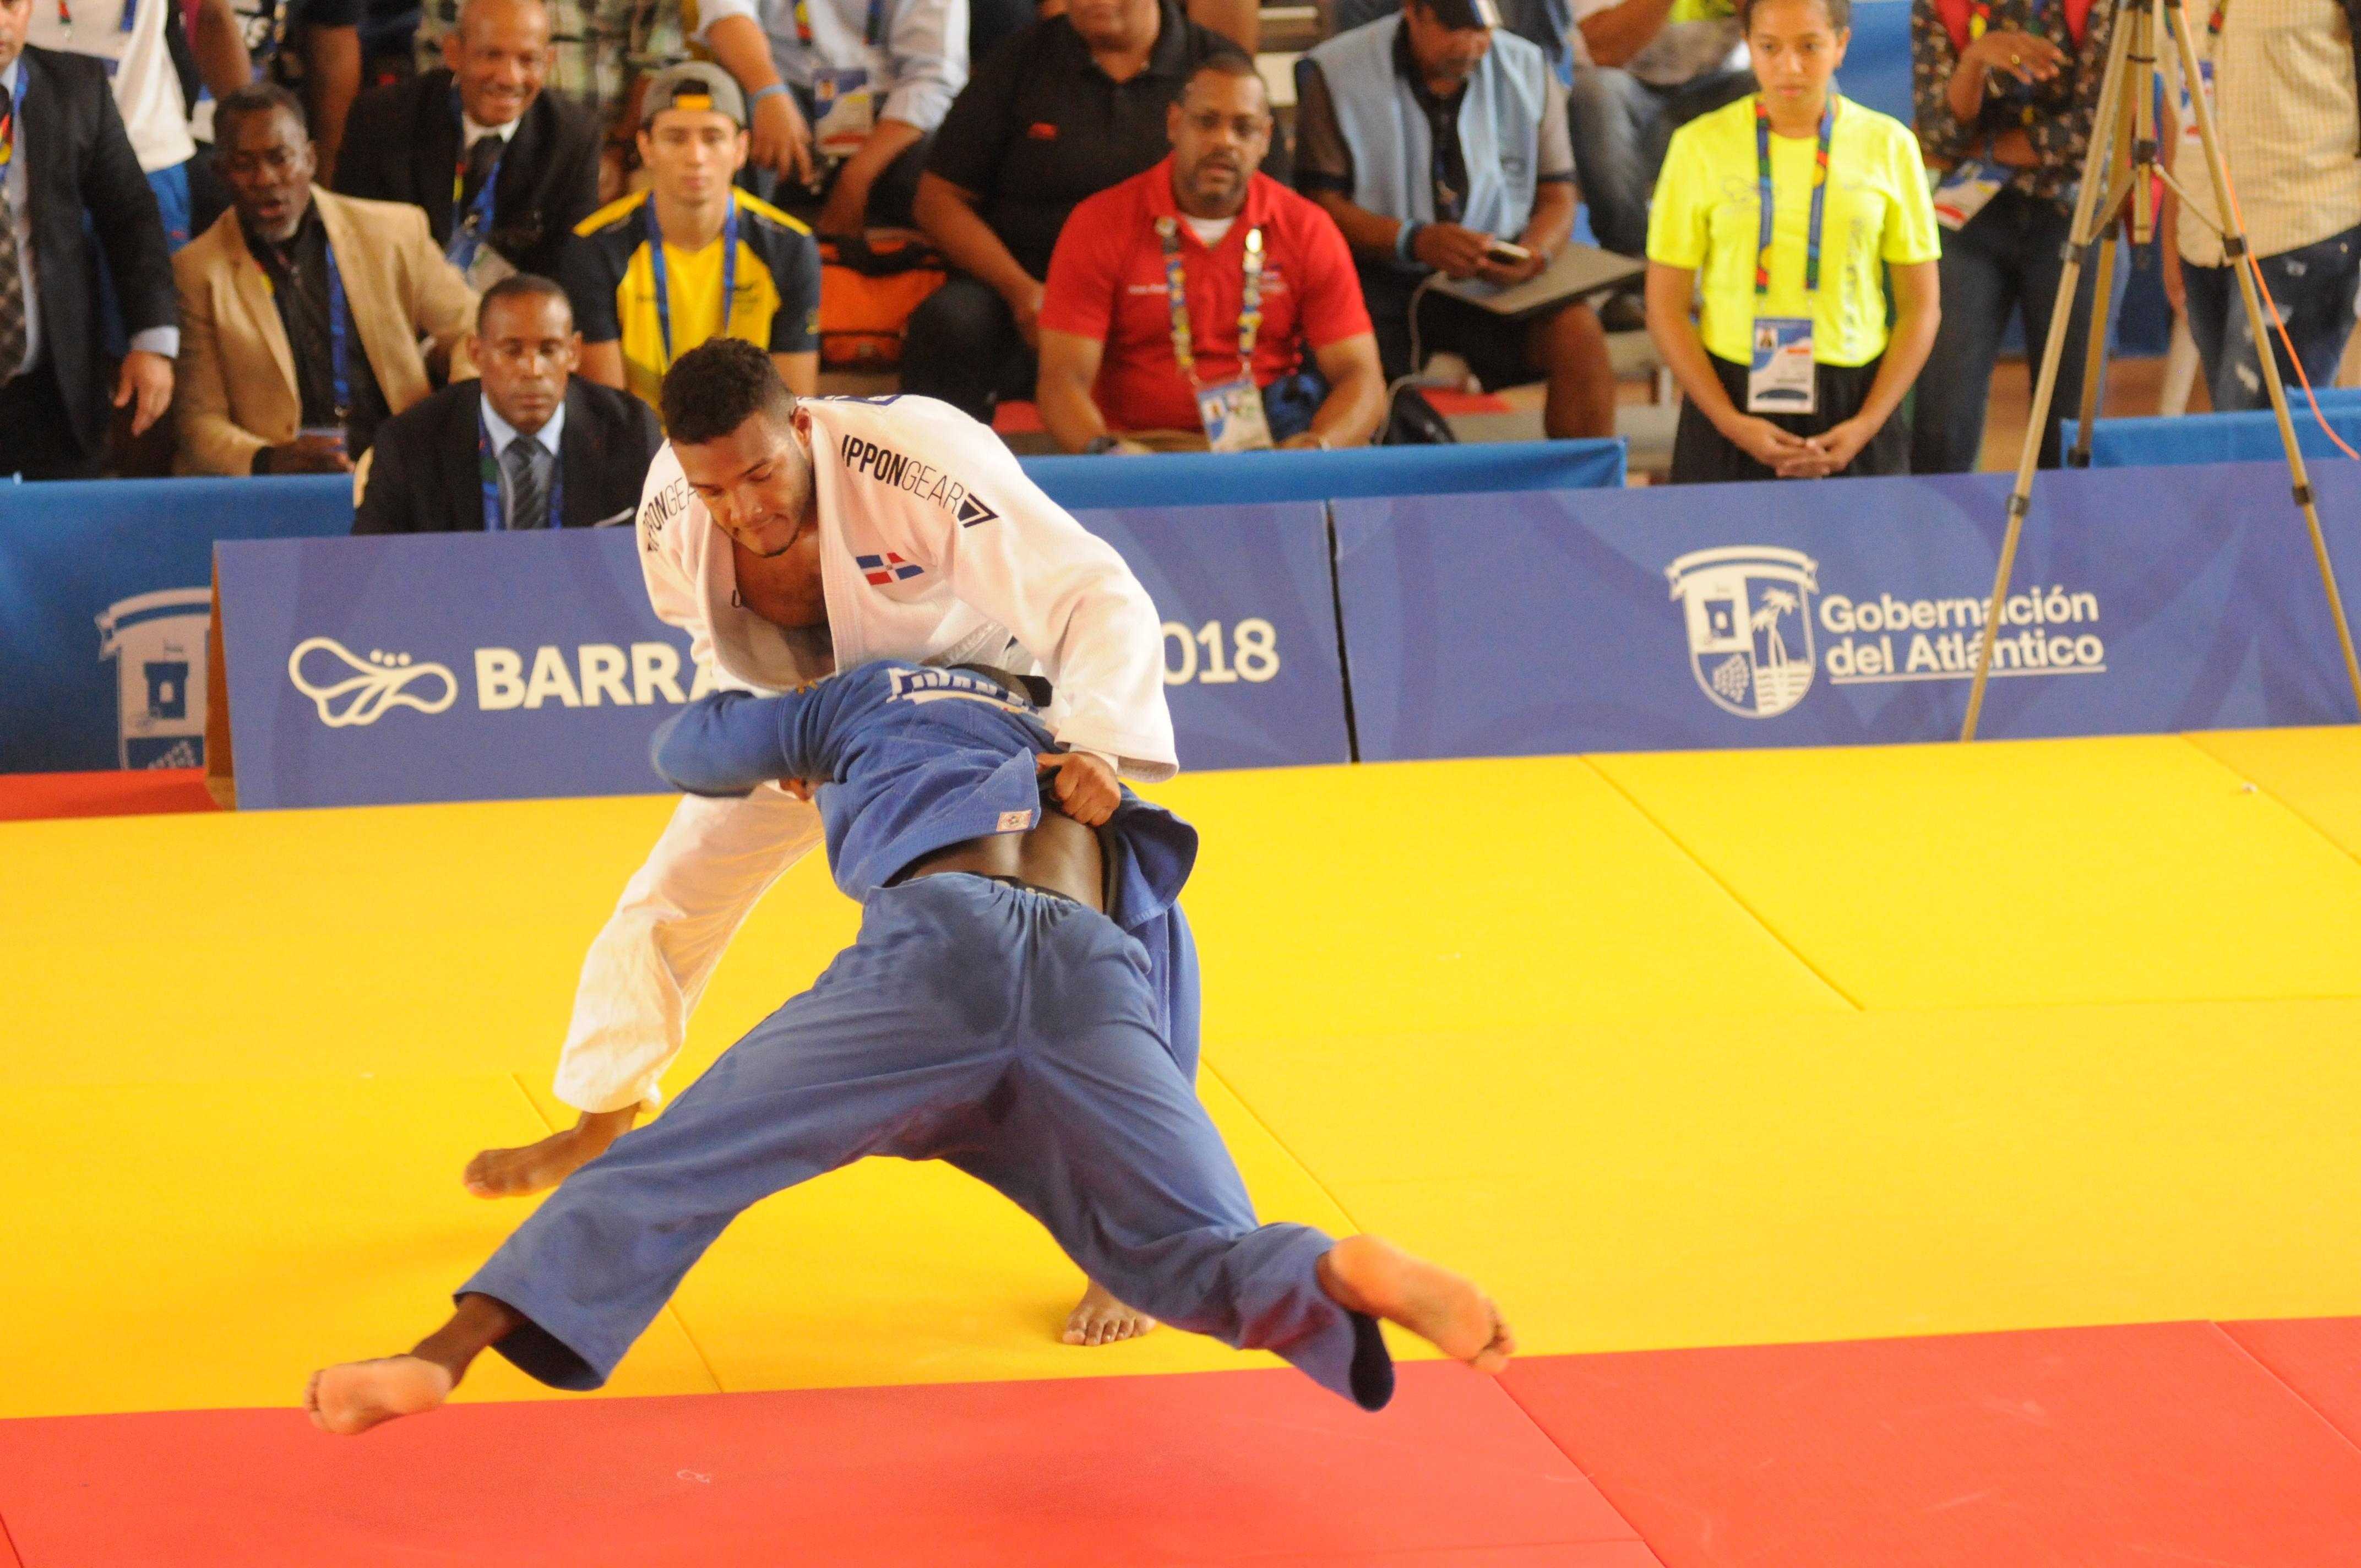 Judocas Florentino y Medina competirán este viernes en Grand Prix Tel Aviv